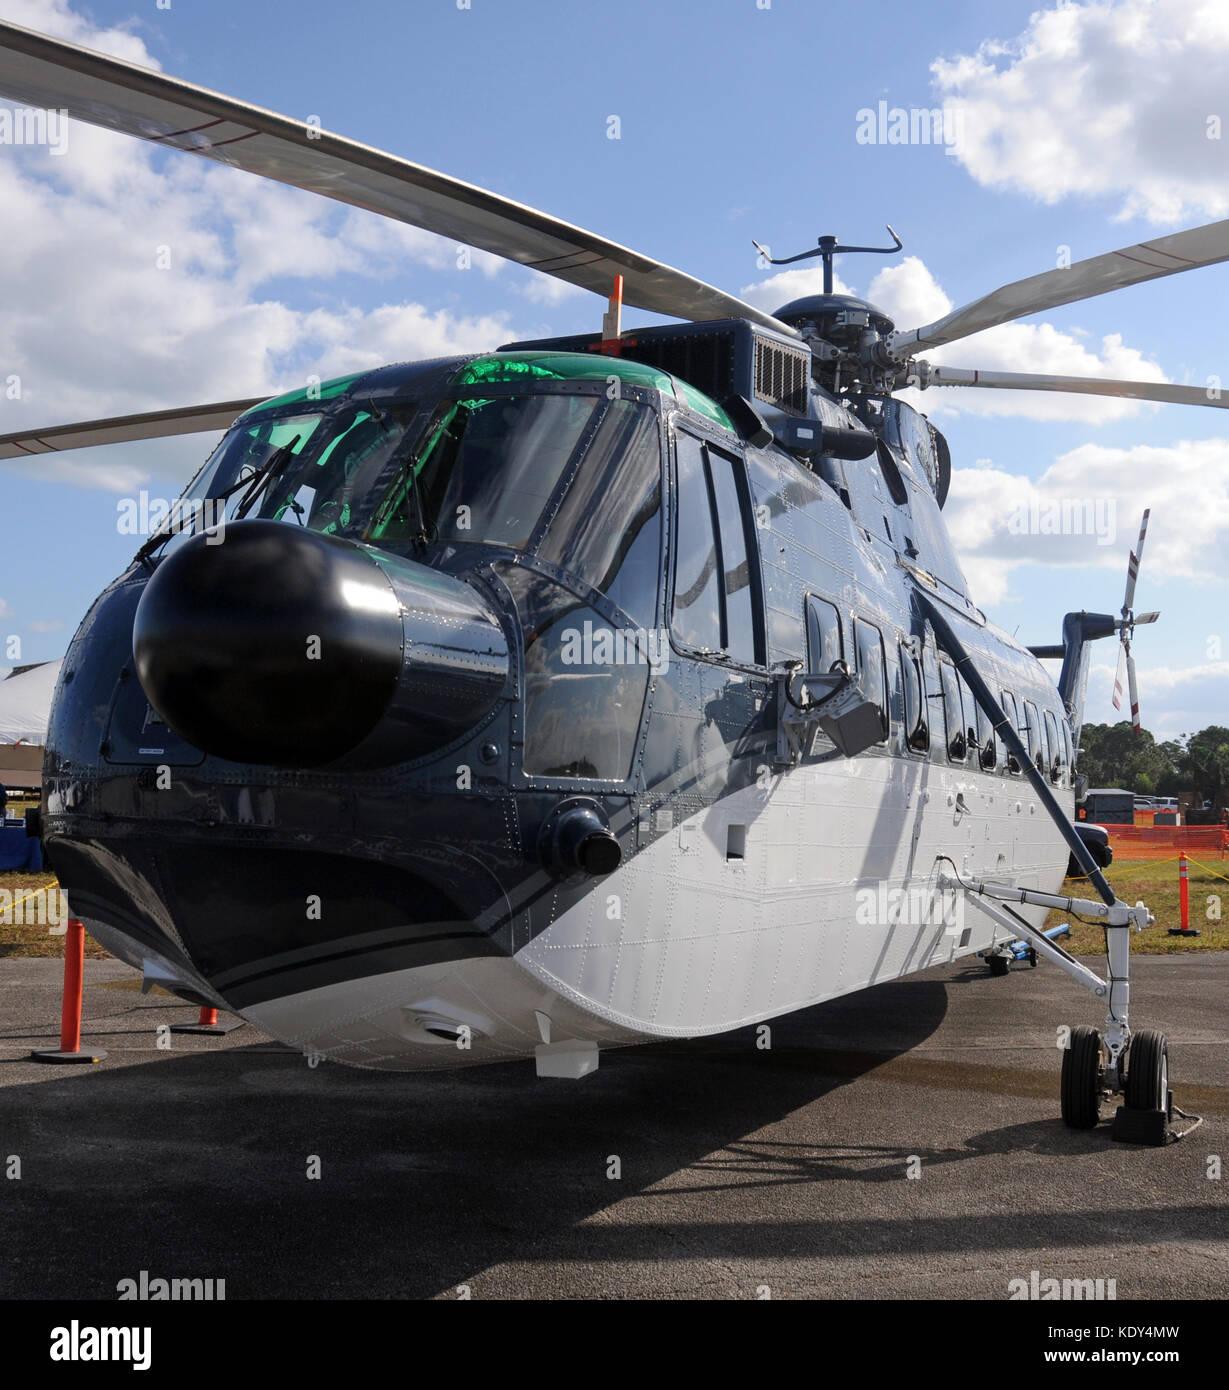 Elicottero Usato : Passeggero moderno elicottero usato per vip travel foto & immagine